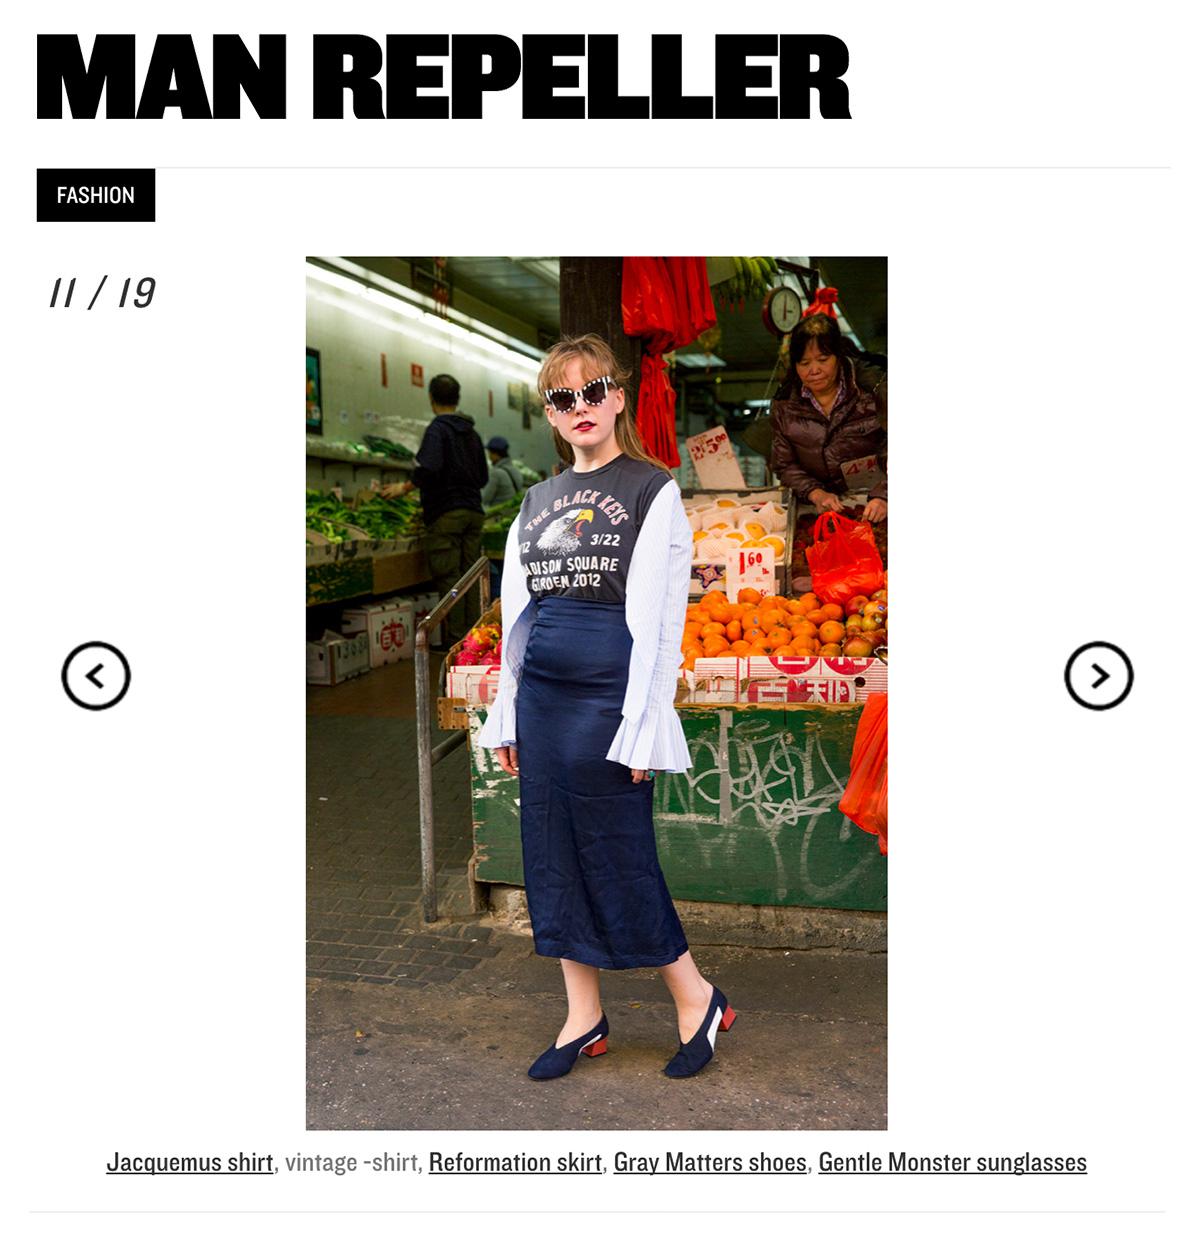 ManRepeller.jpg